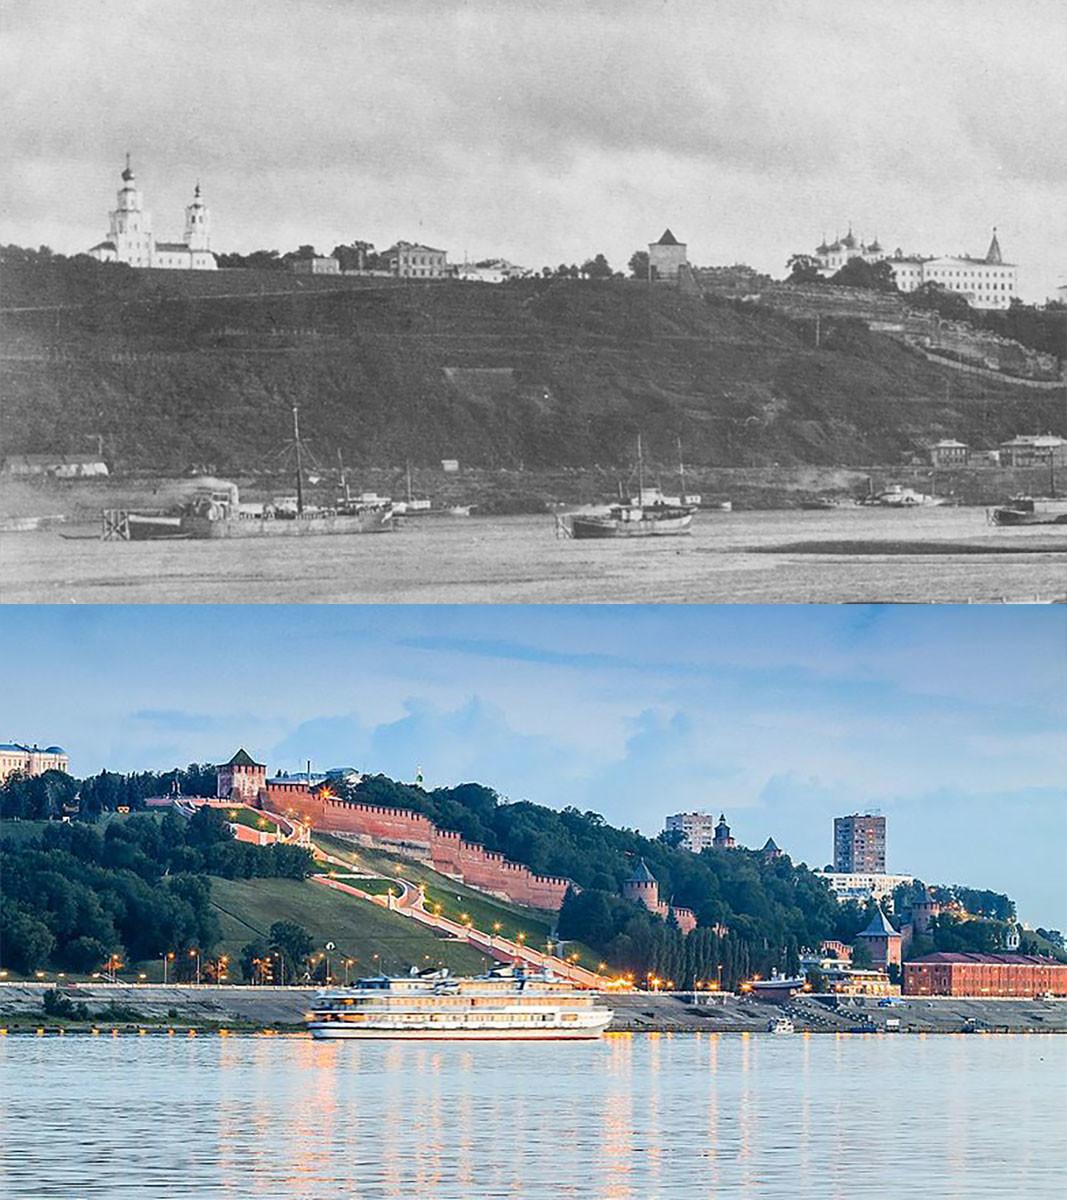 Vue sur le kremlin de Nijni Novgorod, les collines Diatlov et l'escalier Tchkalov en 1886 et maintenant